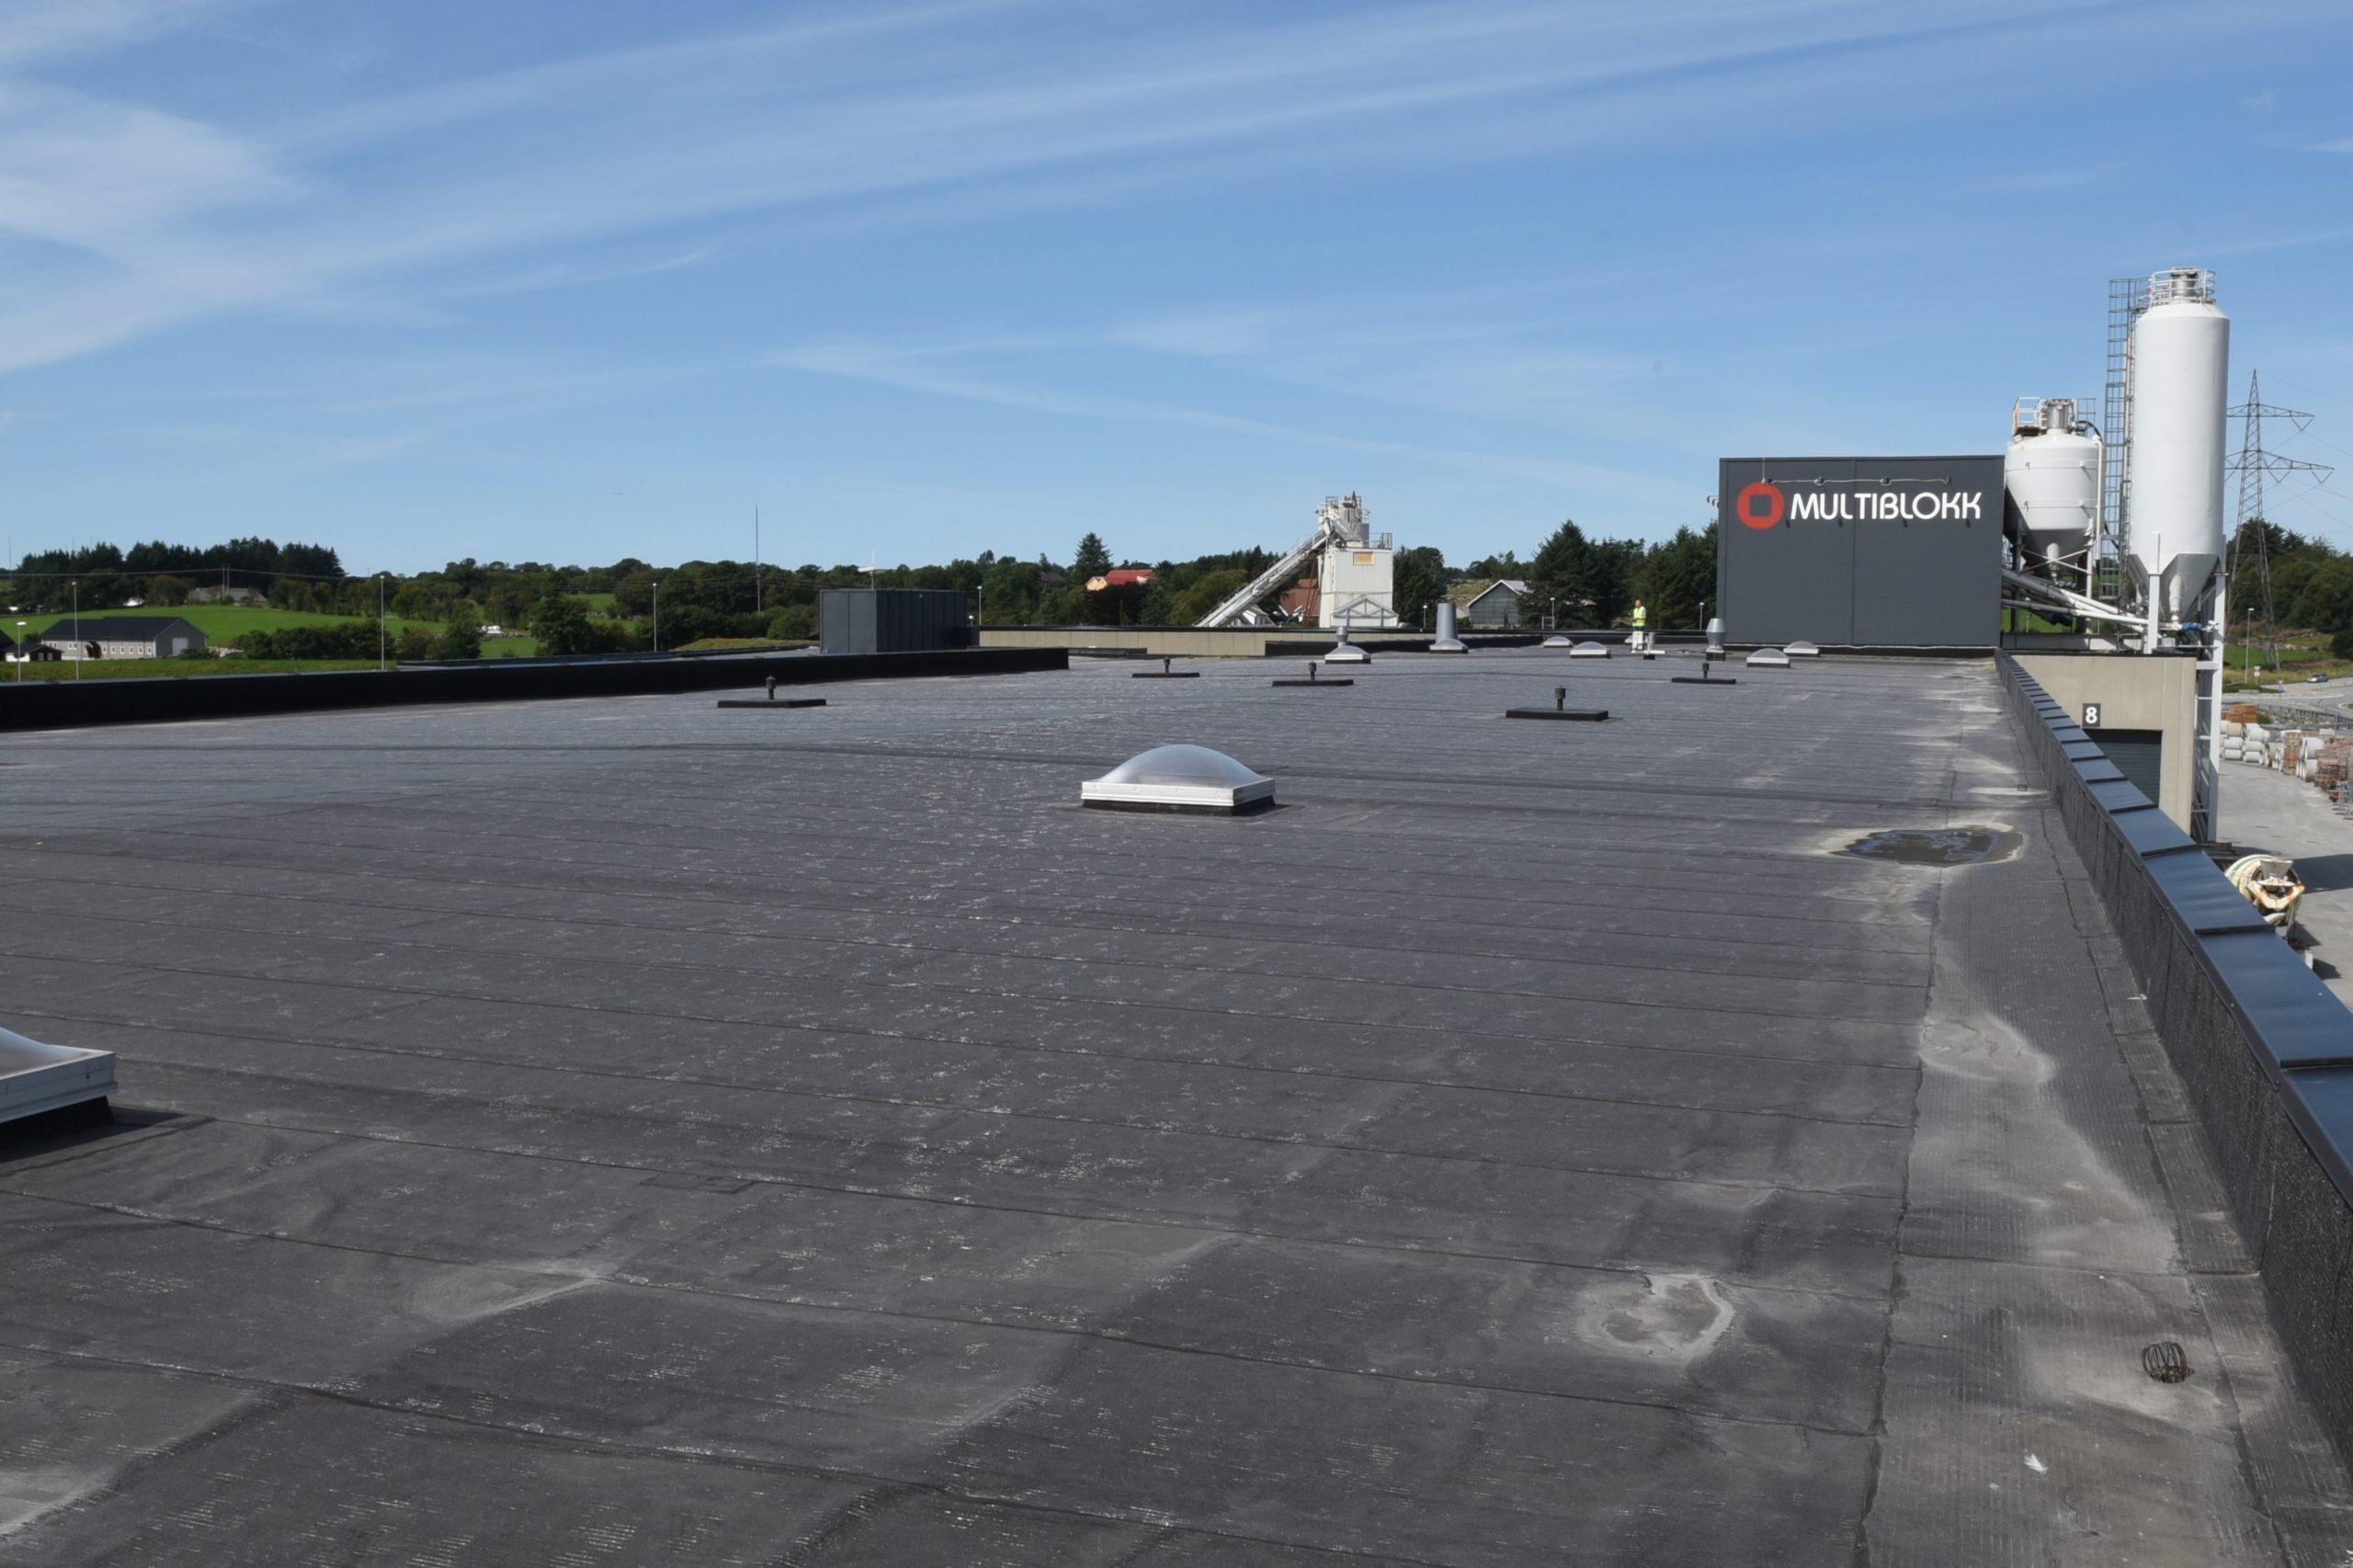 Fremfor å lede nedbøren fra taket til et kommunalt overvannsnett, eller til fordrøying i grunnen, benyttes regnvannet fra fabrikktaket i betongvareproduksjon.